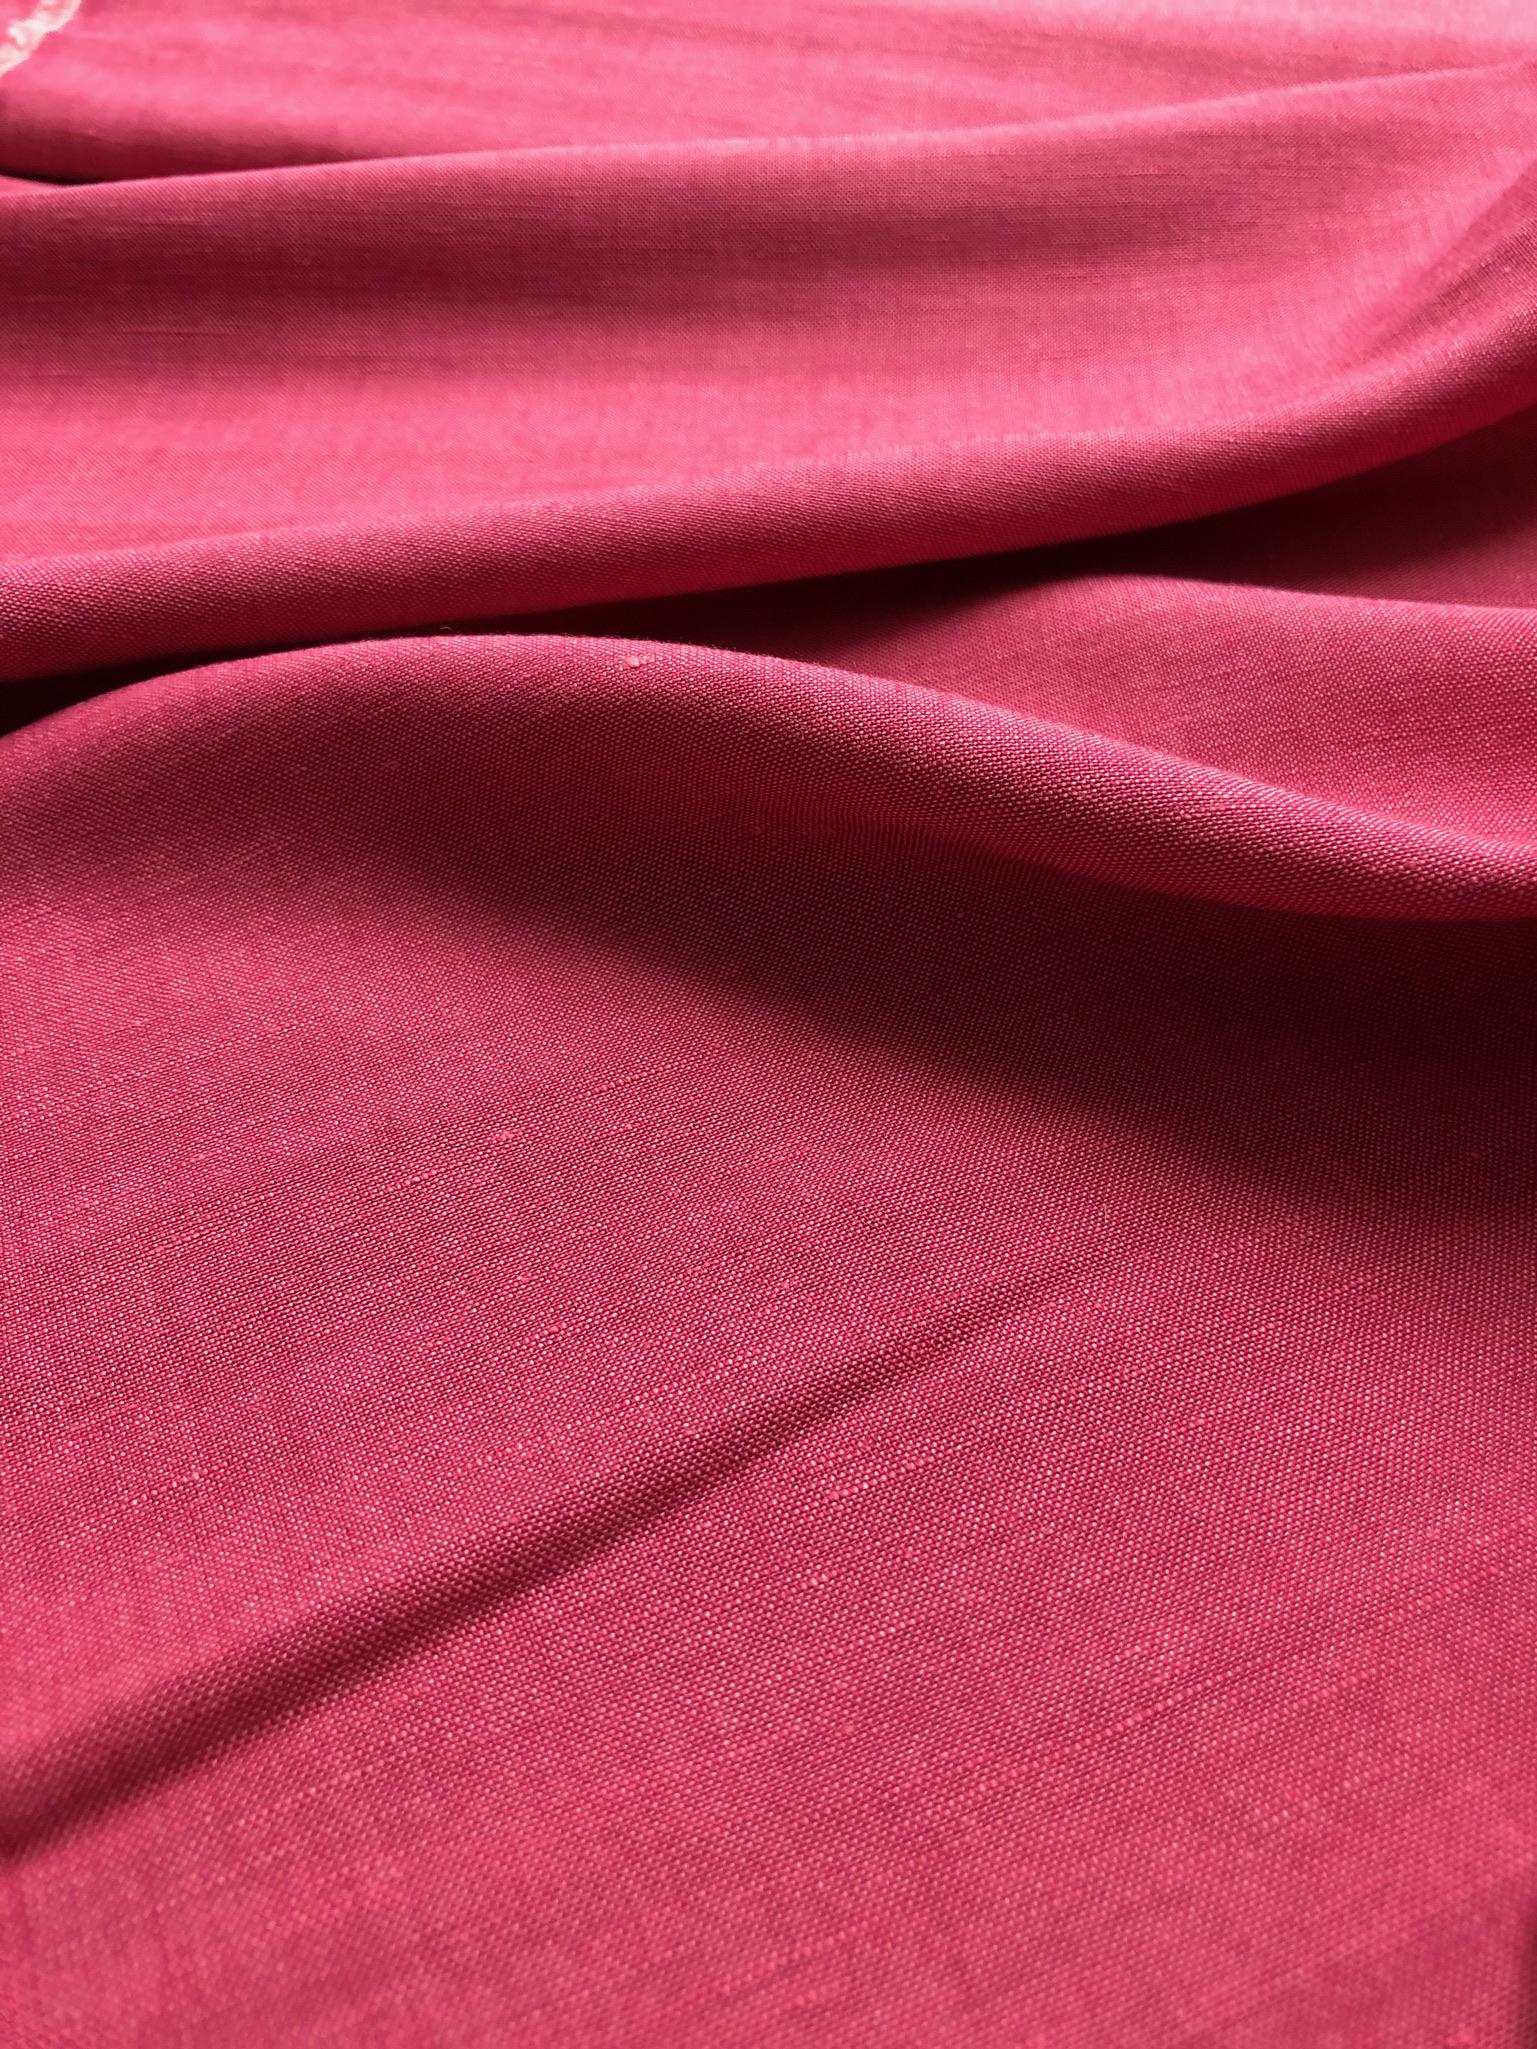 Rose Pink Linen/Viscose Mix